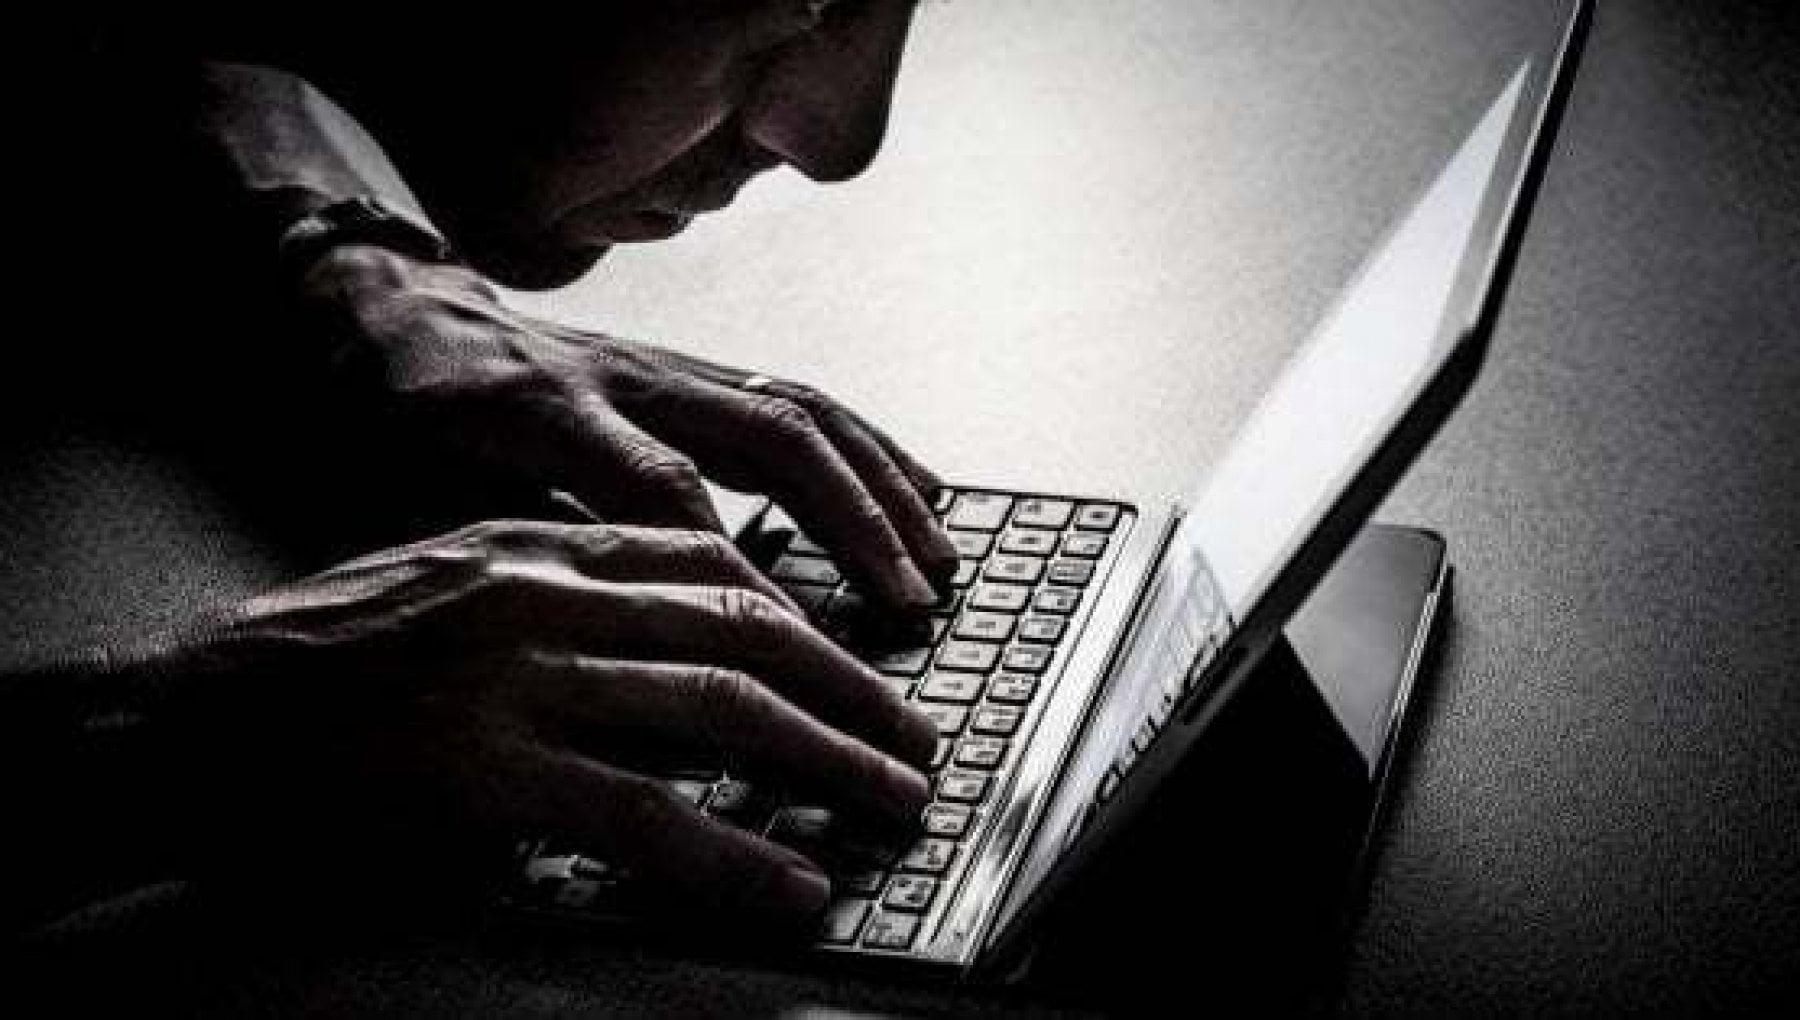 080622995 15d5f2c1 2459 46c2 9abf 640bced7004f - Contatta un sicario sul dark web per sfregiare con l'acido l'ex fidanzata: arrestato un 40enne lombardo grazie a un'indagine internazionale